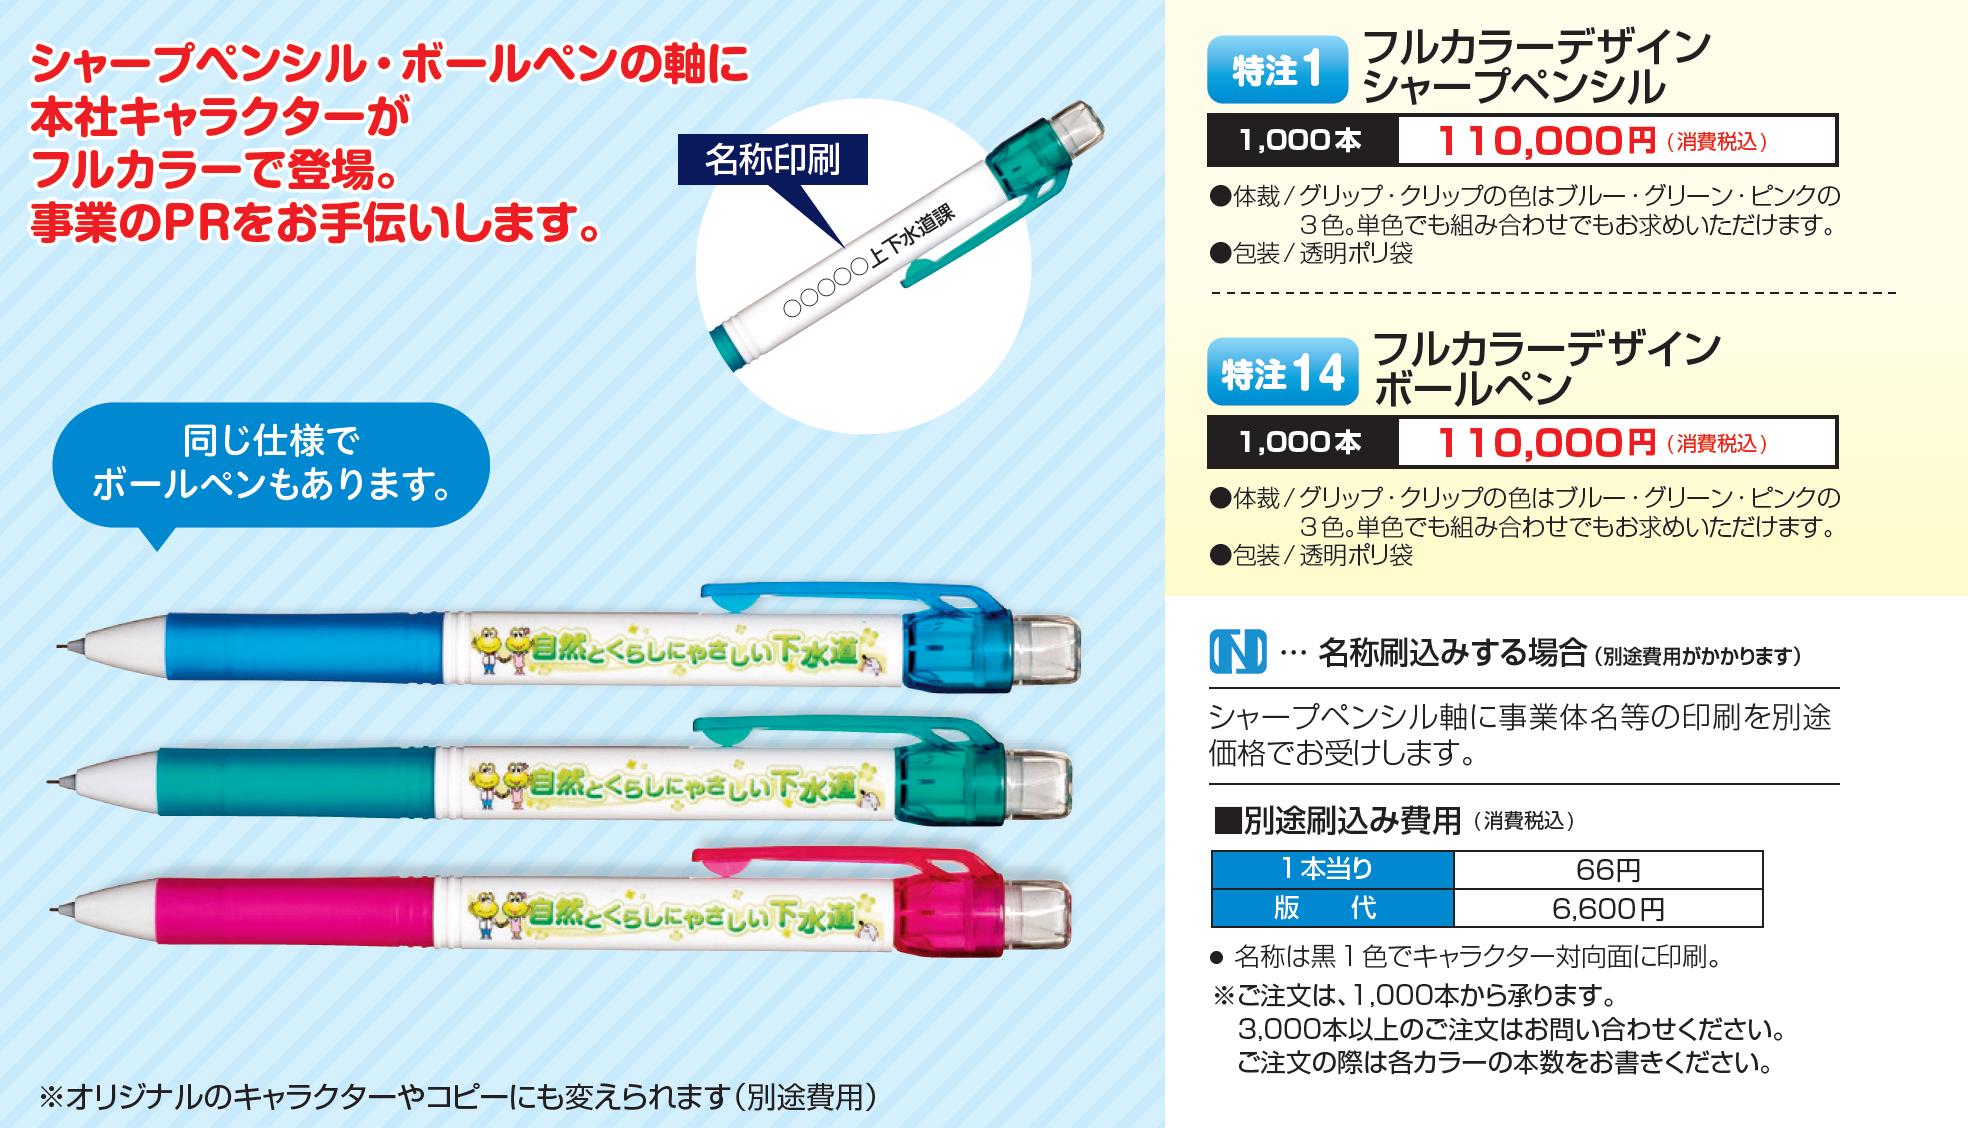 【製品No.特注14】フルカラー ボールペン